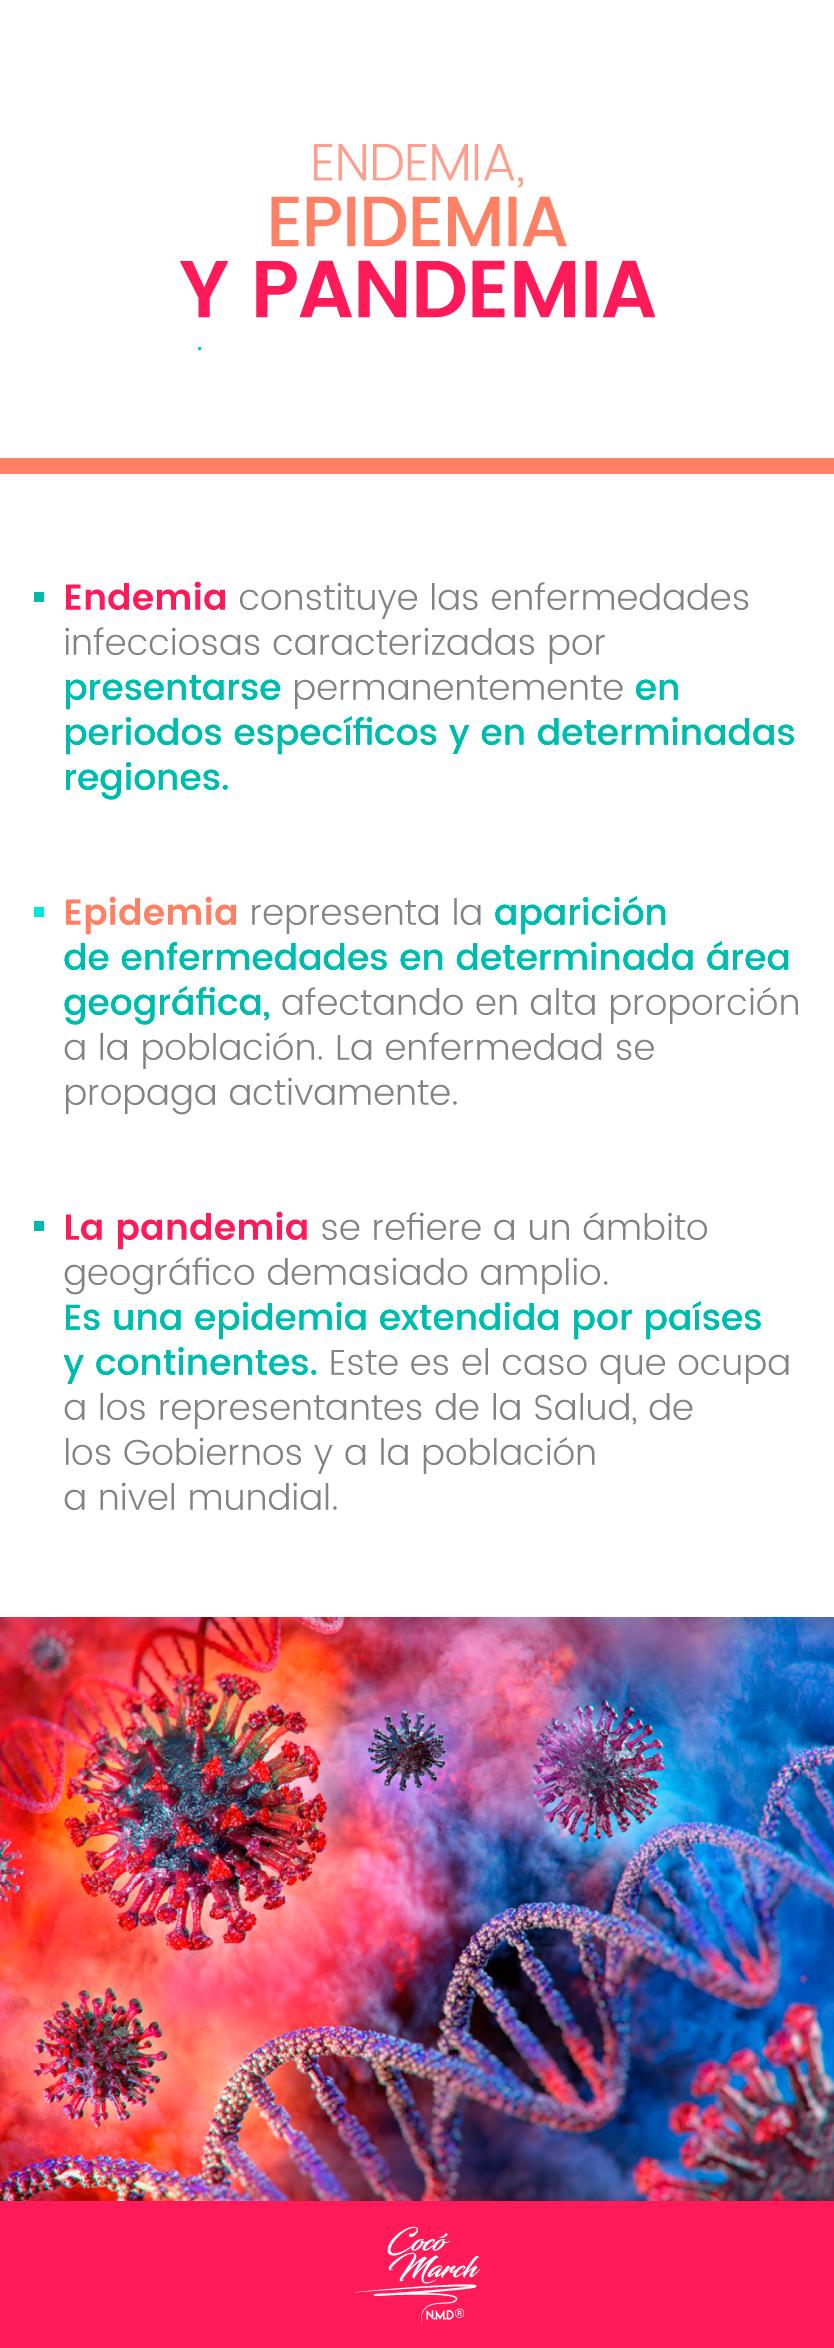 endemia-epidemia-pandemia